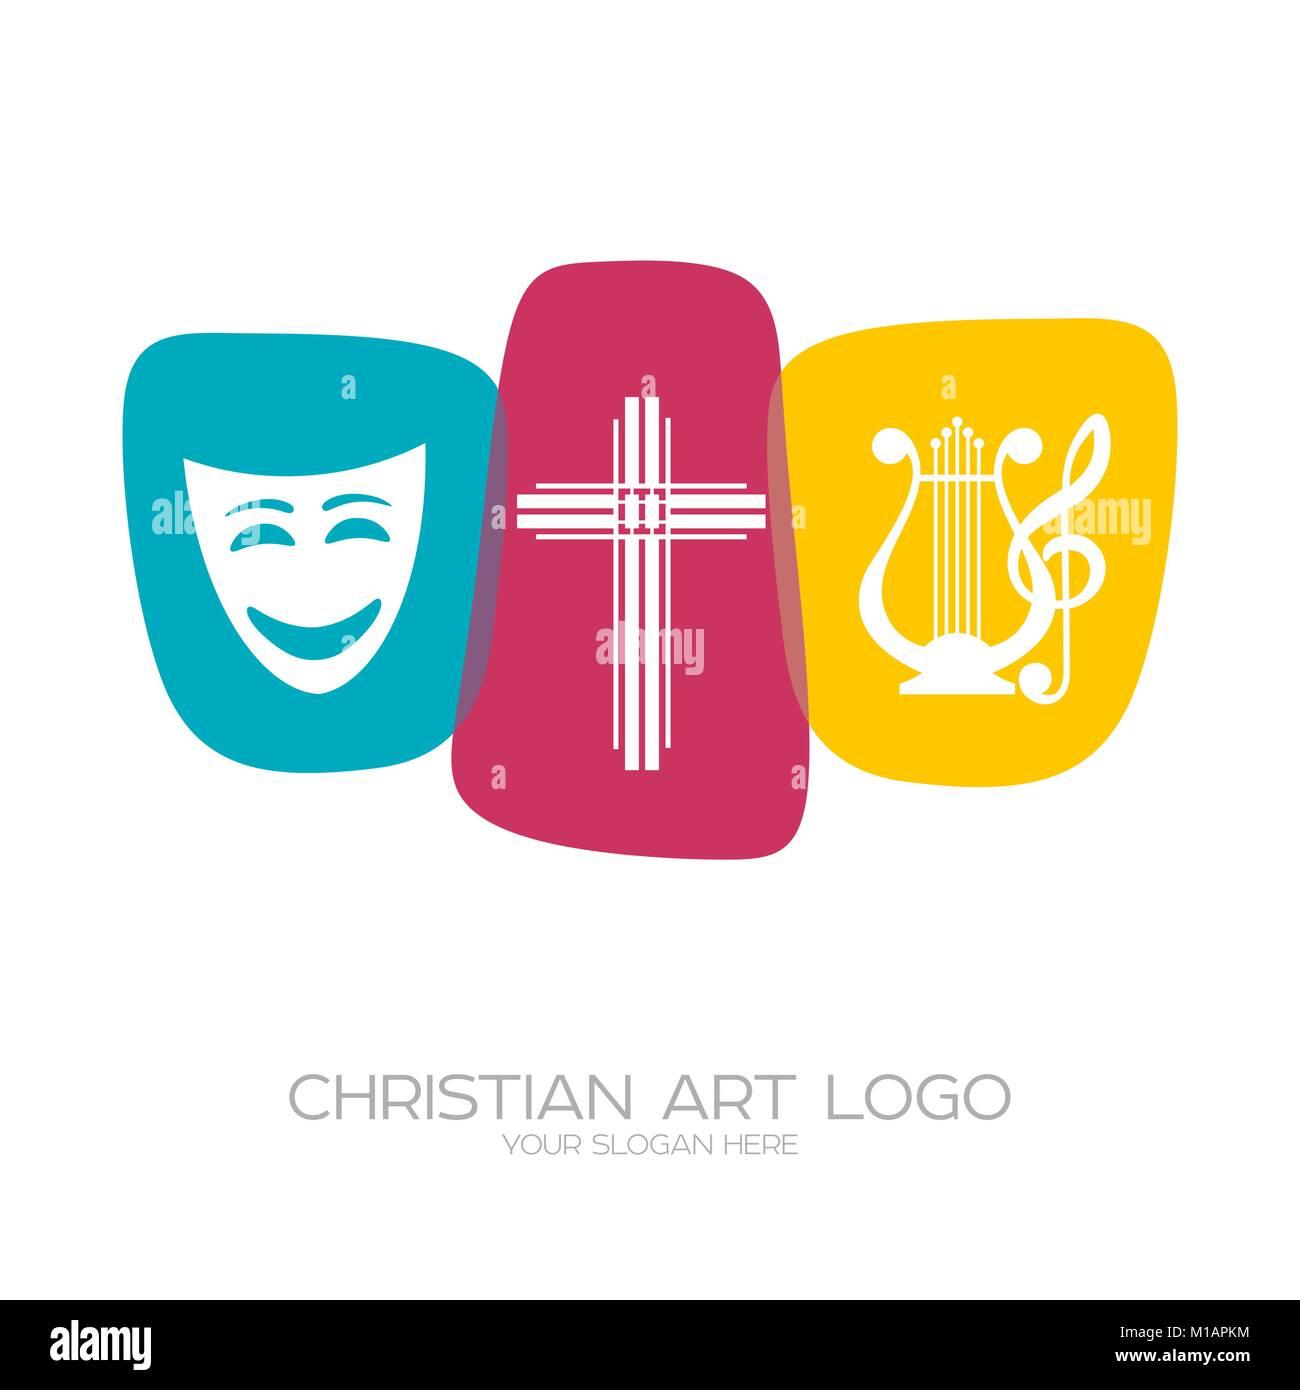 Logo de l'équipe de création théâtrale de la scène chrétienne productions, poèmes, comédies musicales Illustration de Vecteur